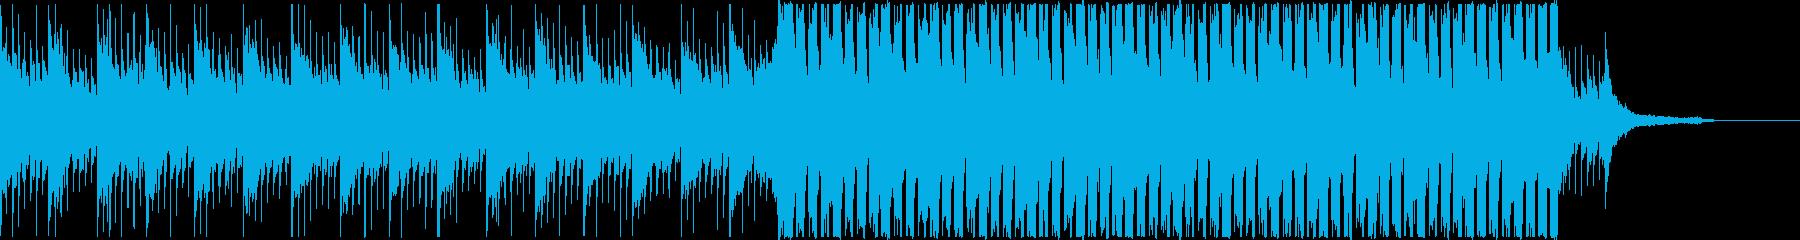 爽やか・可愛い・神秘的/企業VP系03aの再生済みの波形